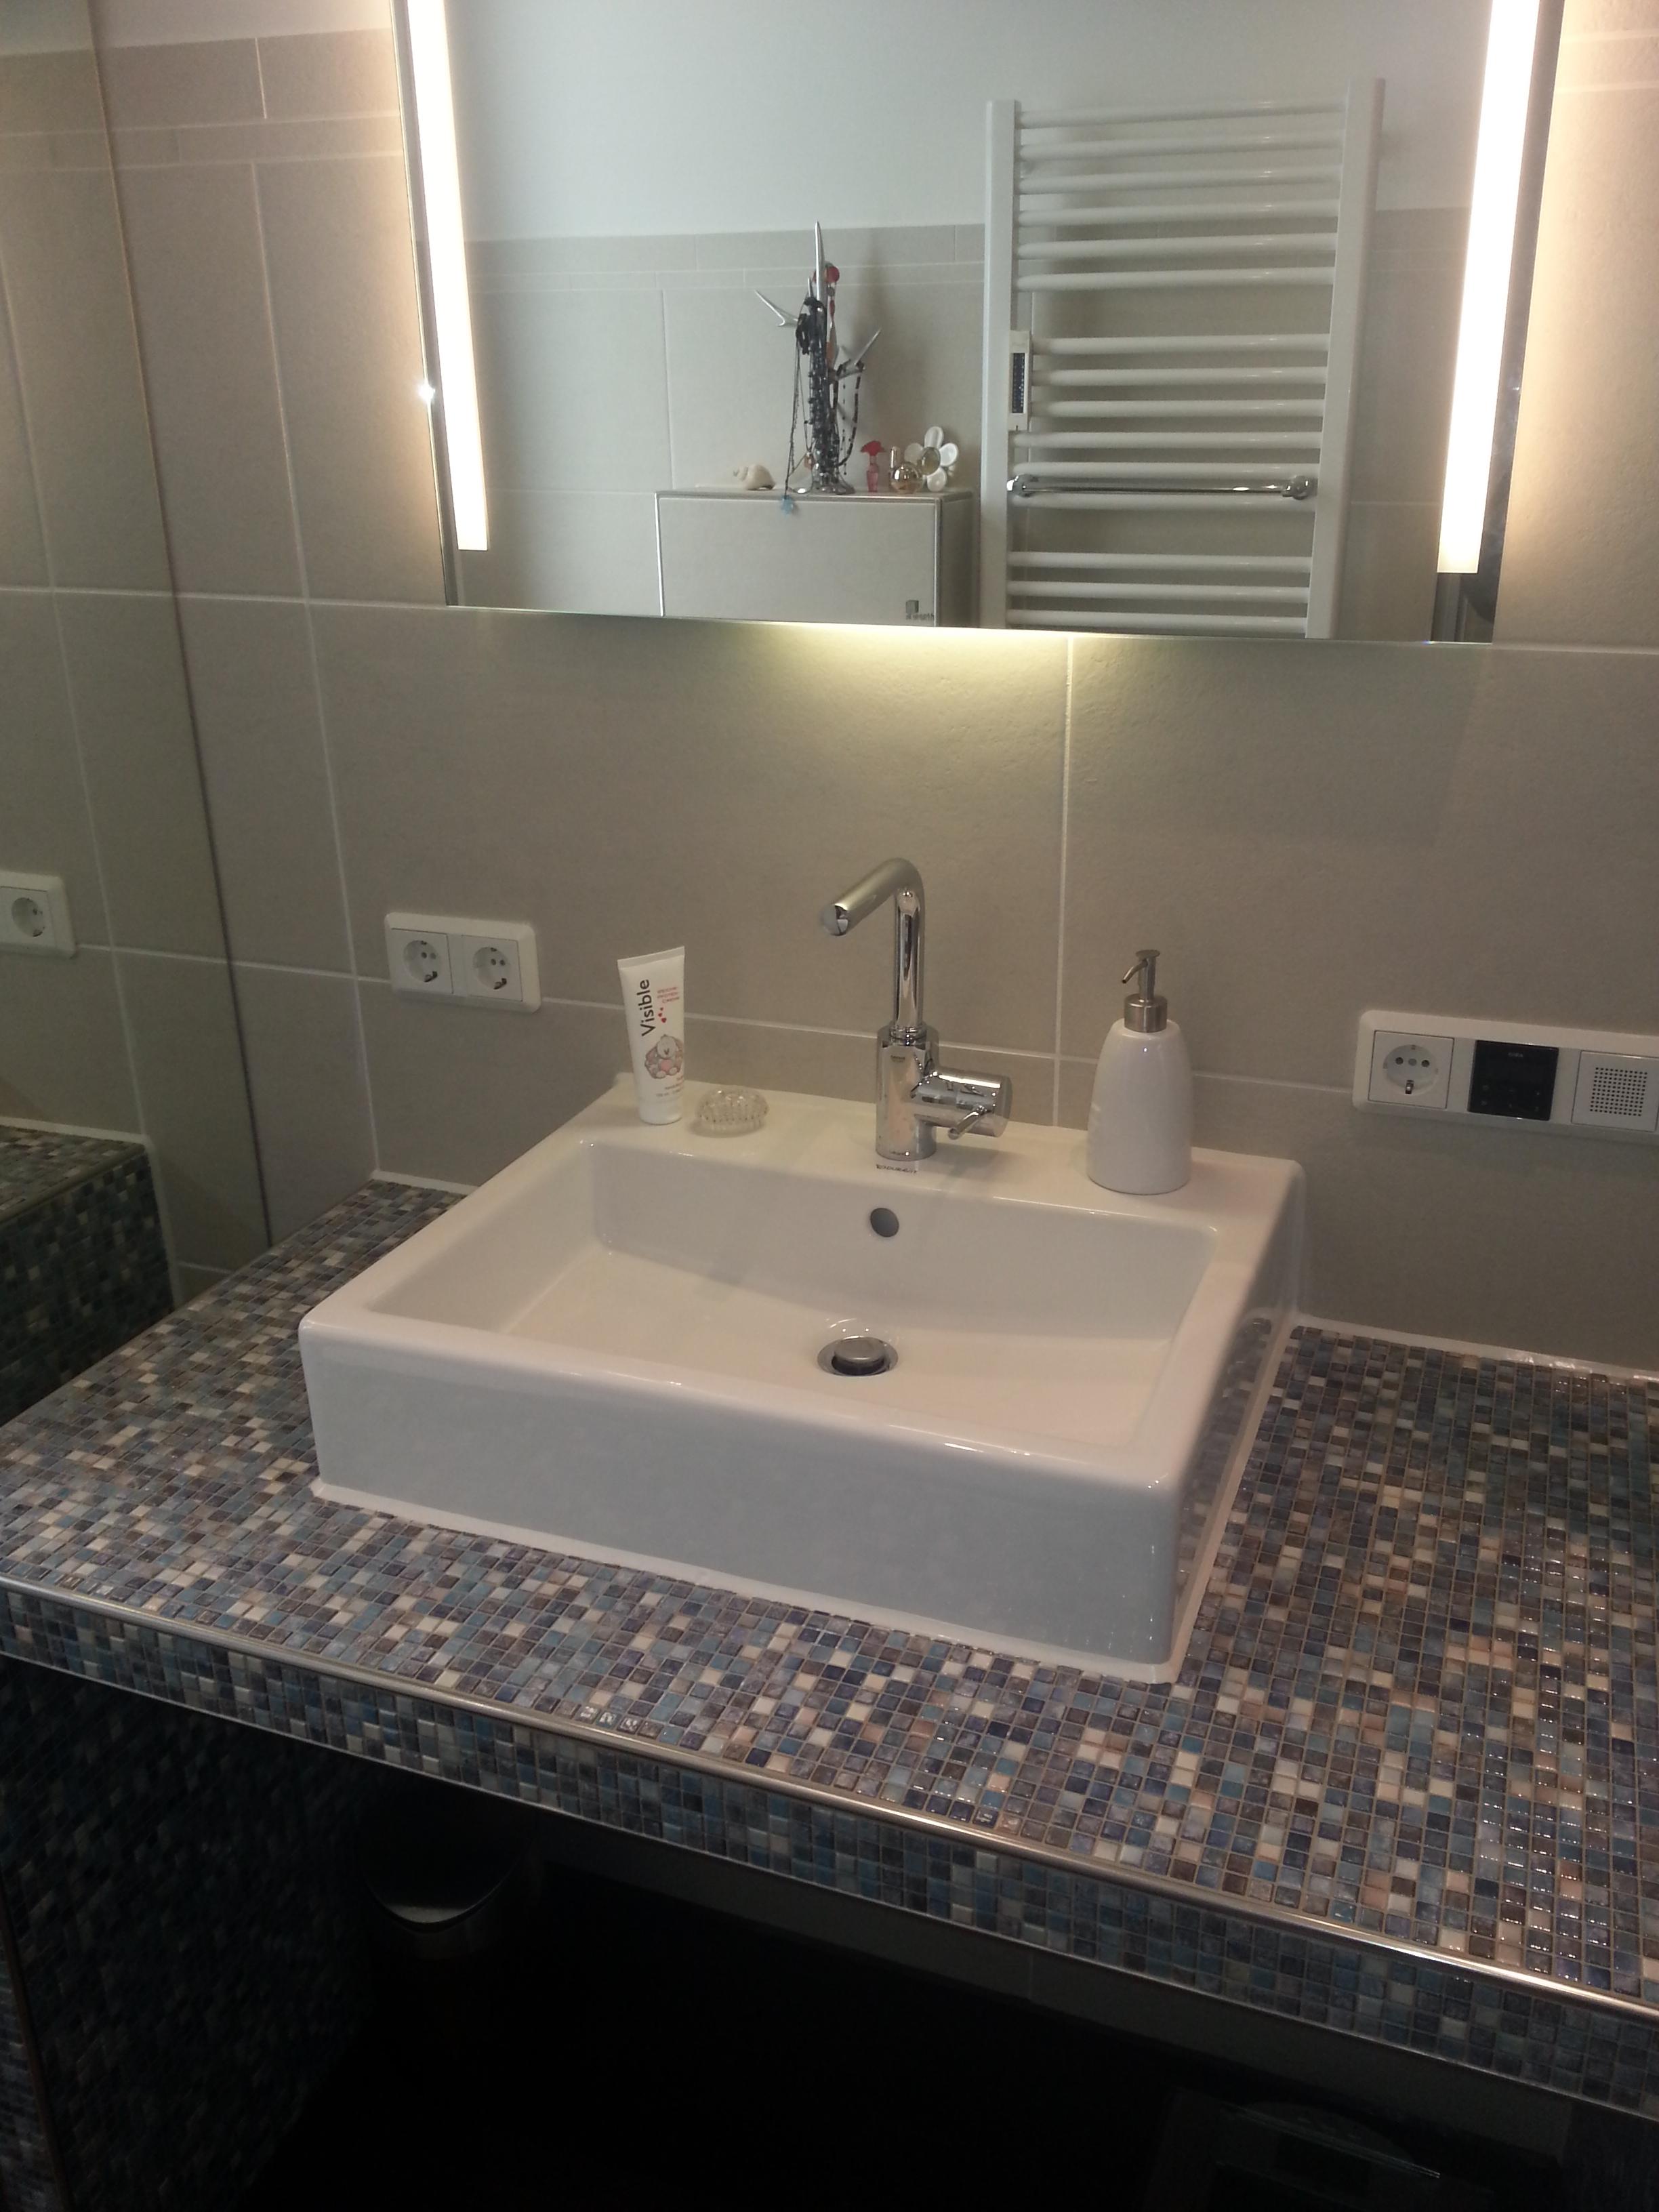 ... Heizung & Sanitär – Gäste WC – Waschbecken mit Extra-Ablage